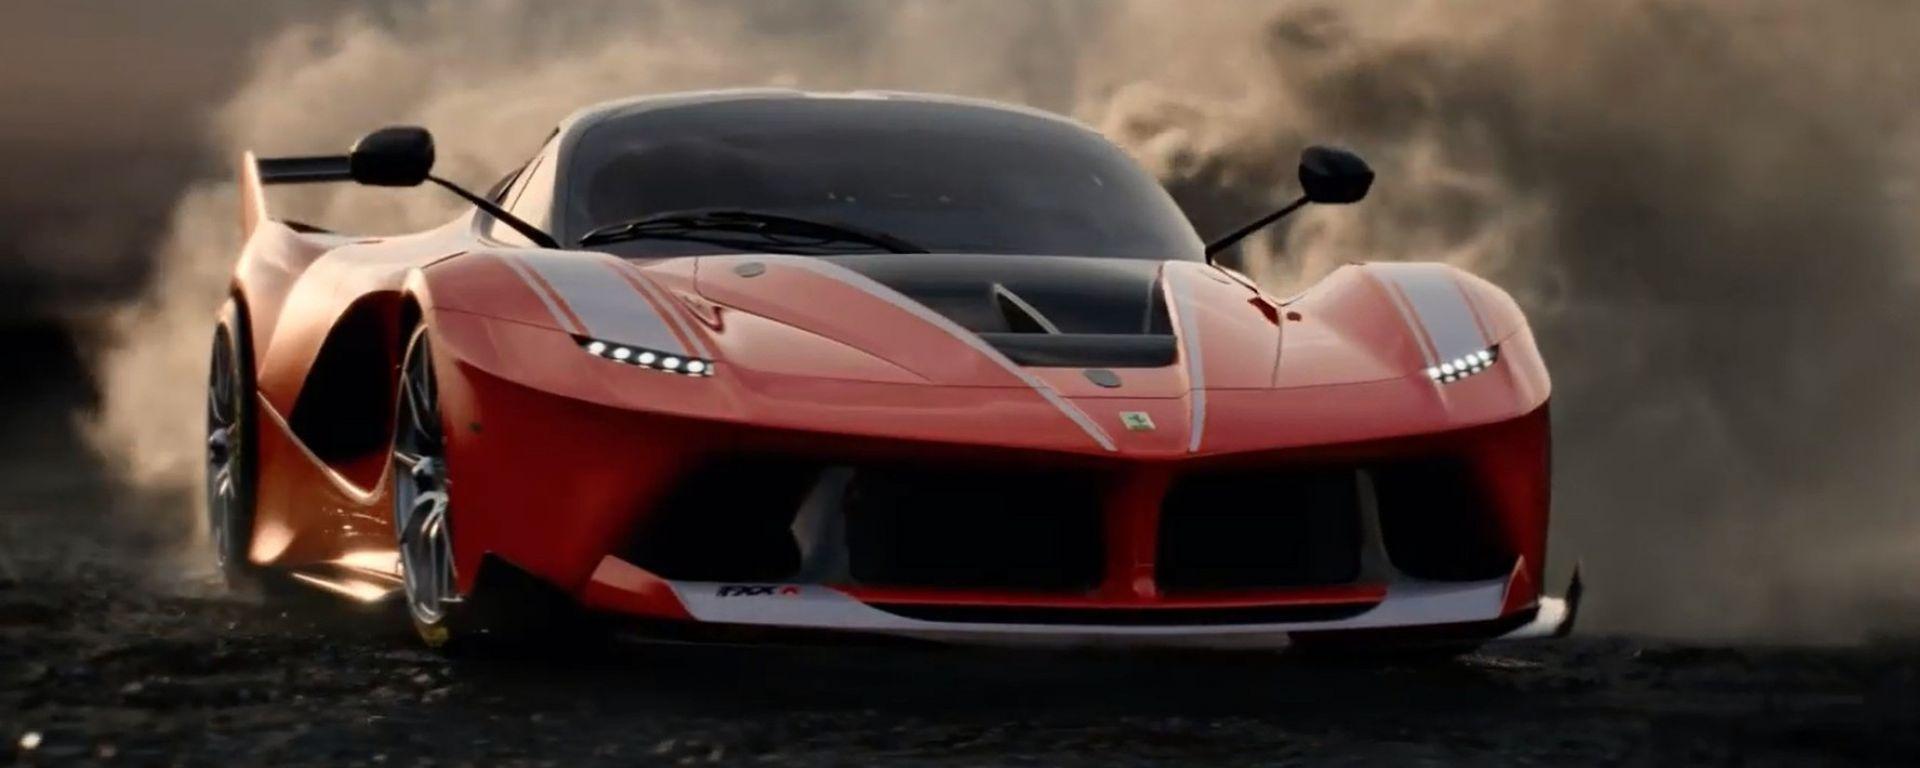 Ferrari FXX K, eccola in azione nel video... di un orologio